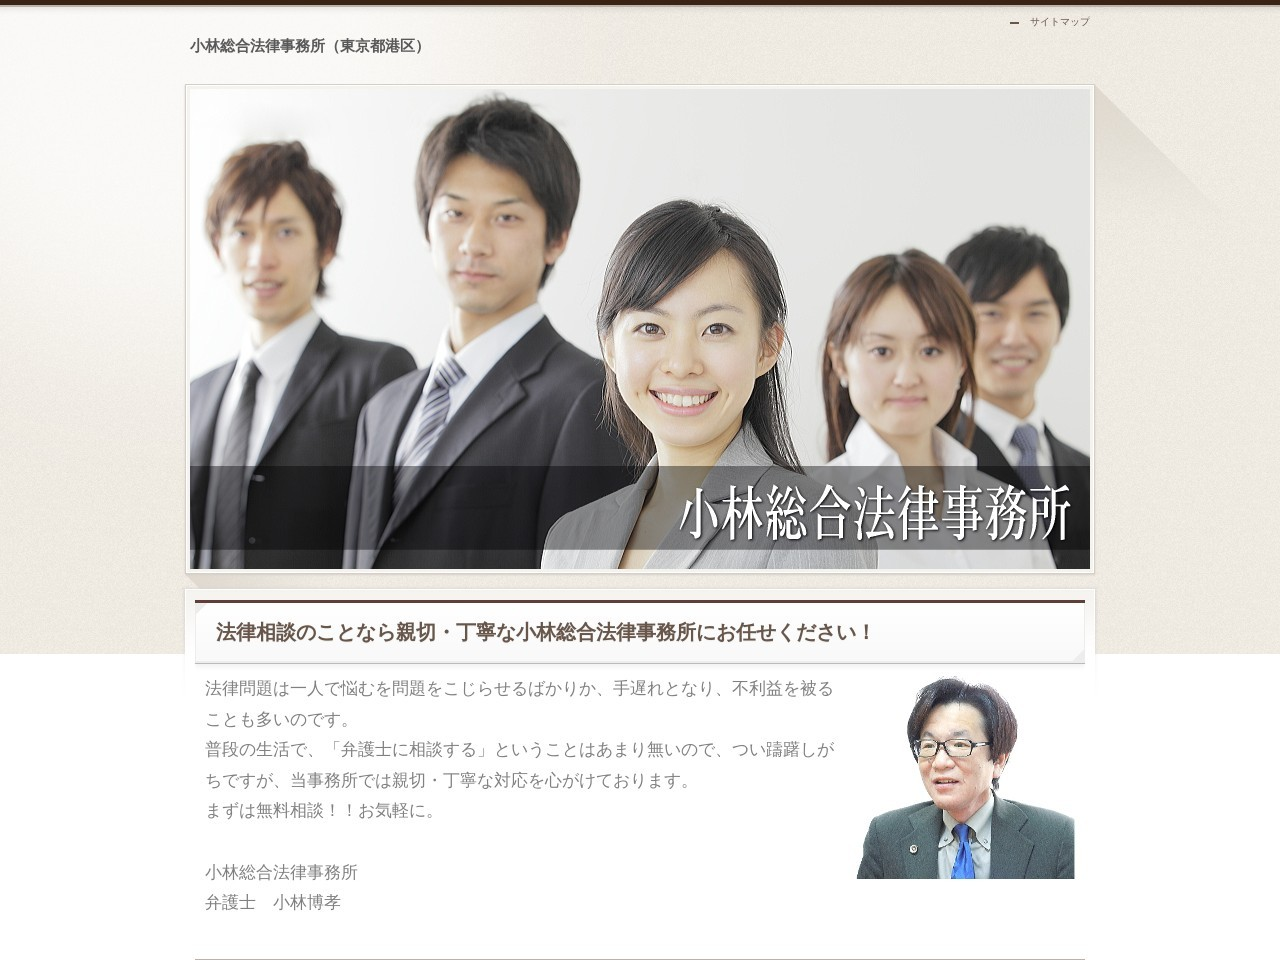 小林総合法律事務所